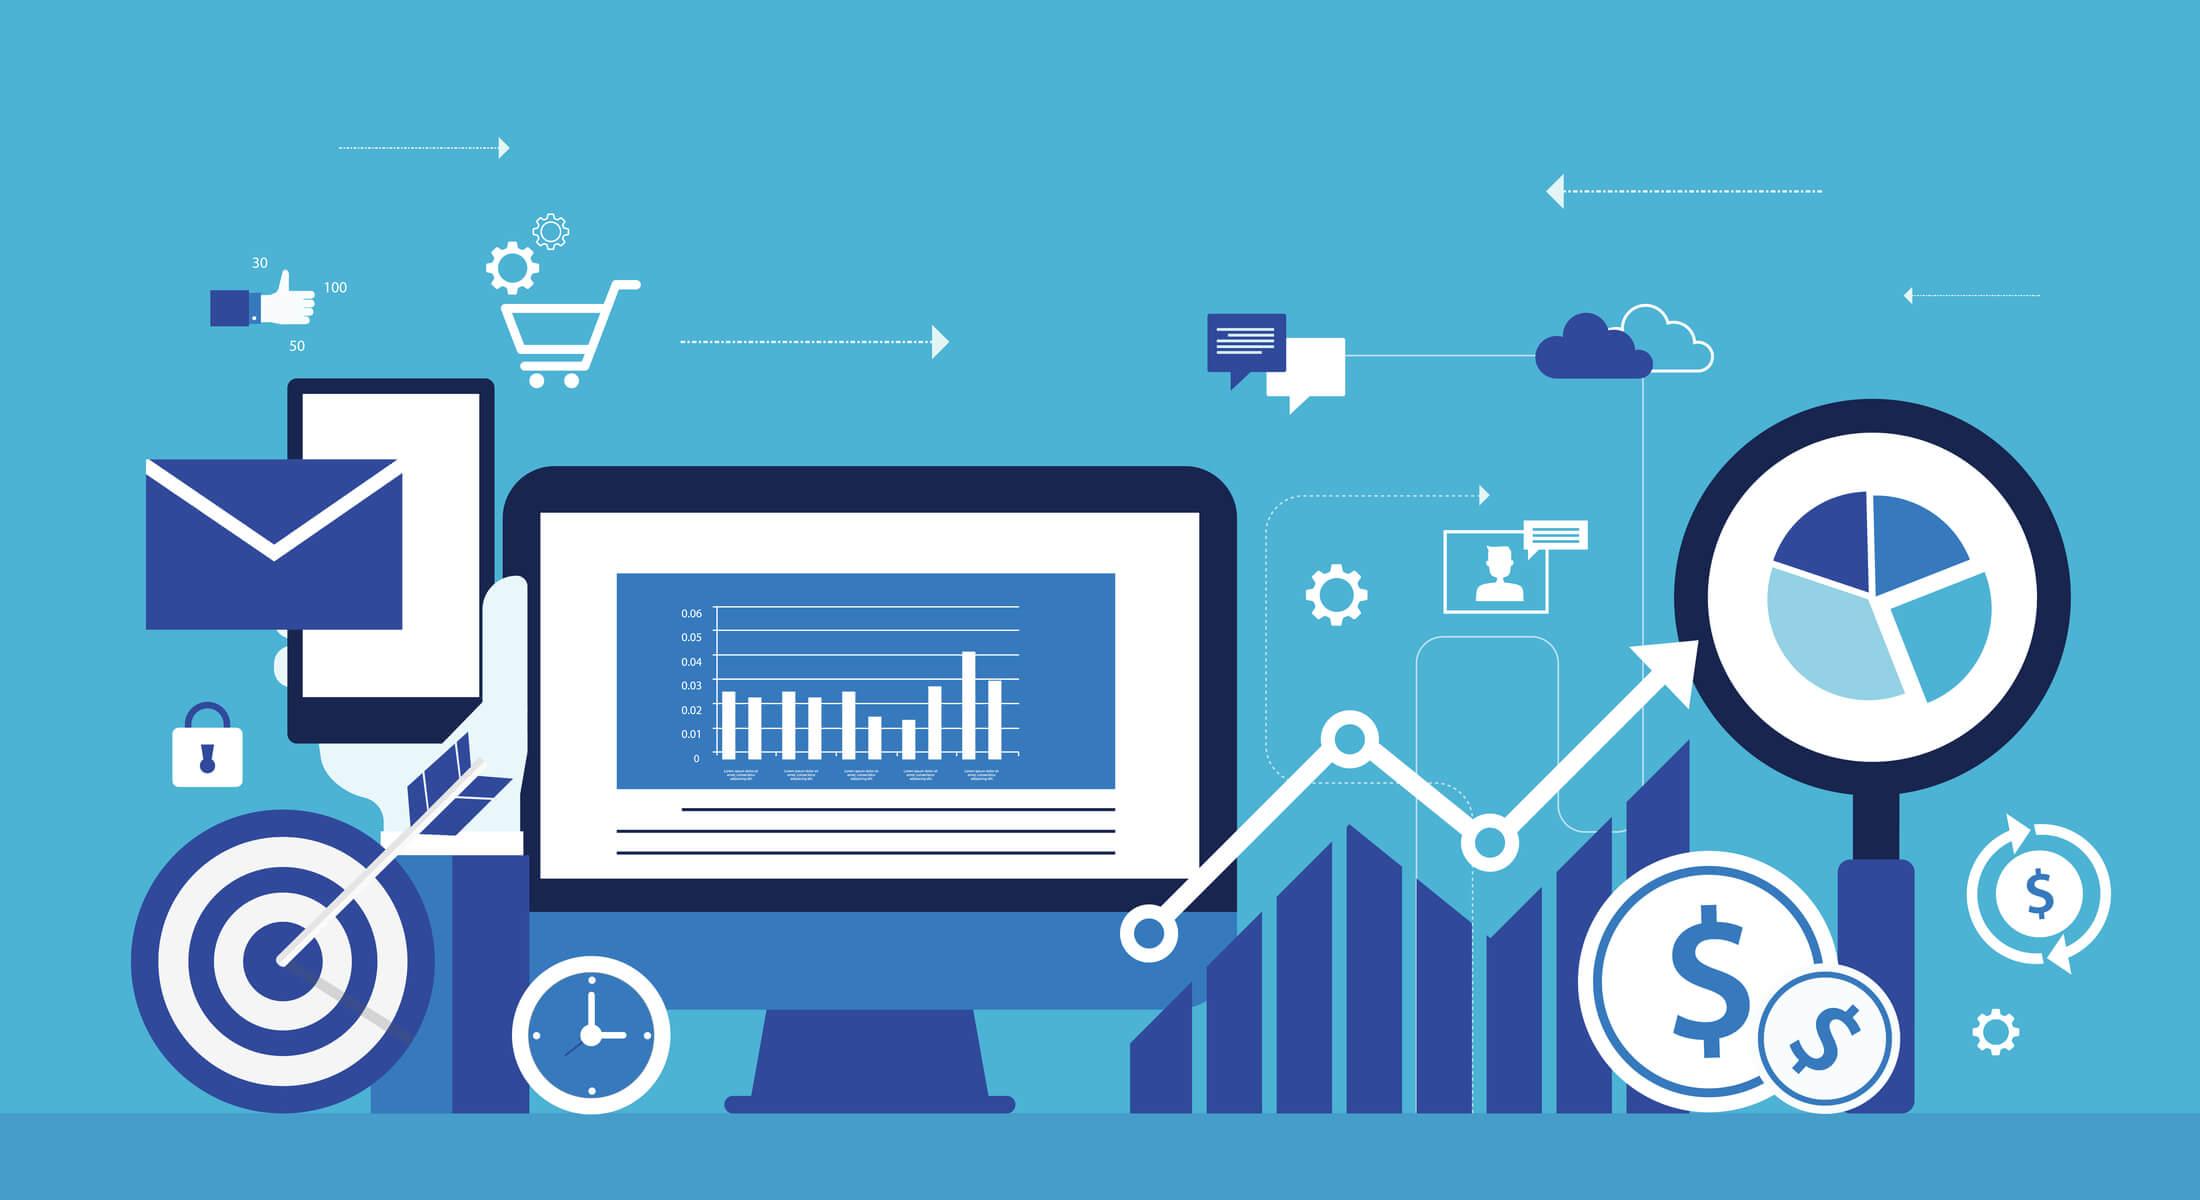 ilustração sobre e-commerce e e-business